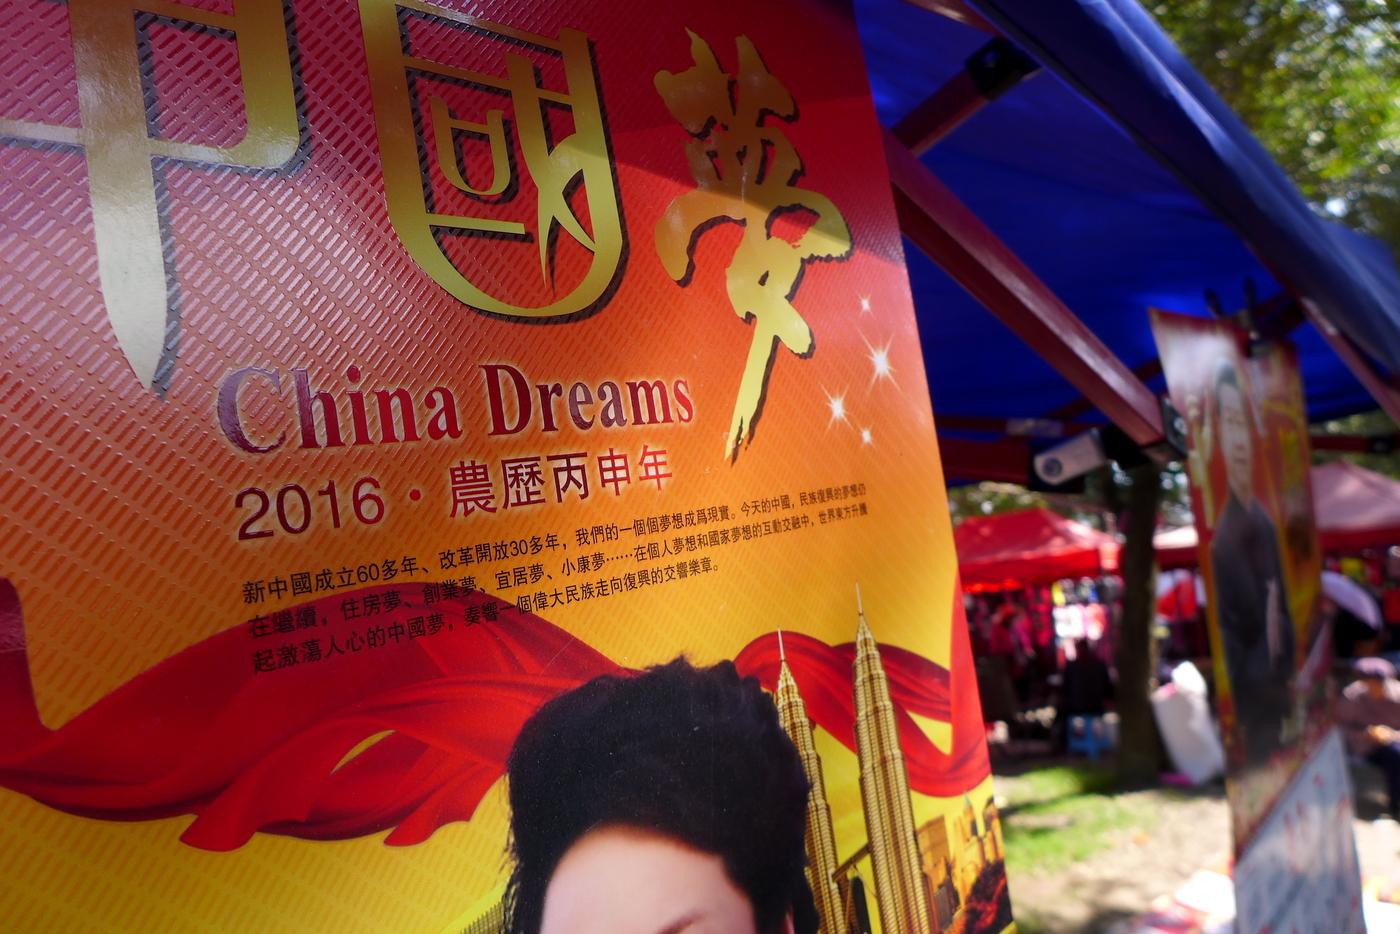 chinadreams.jpg